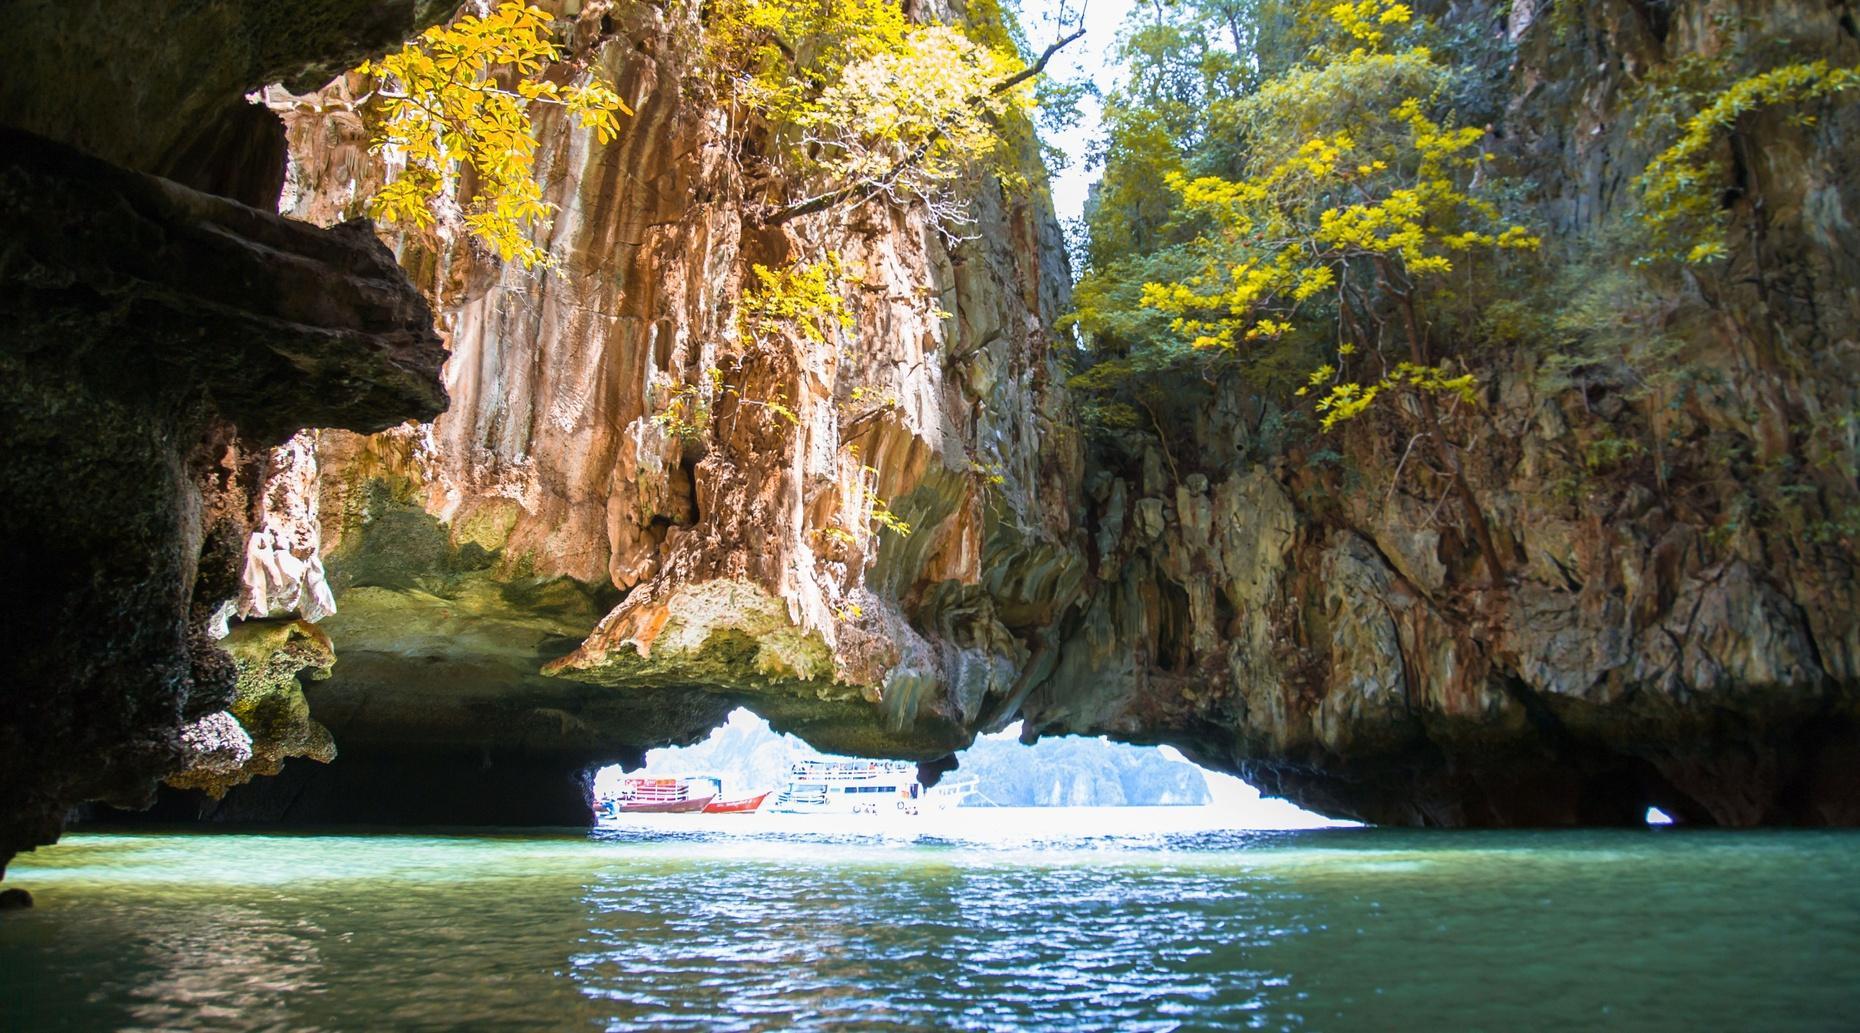 James Bond Island Boat Tour In Phang Nga Bay Book Tours Activities At Peek Com